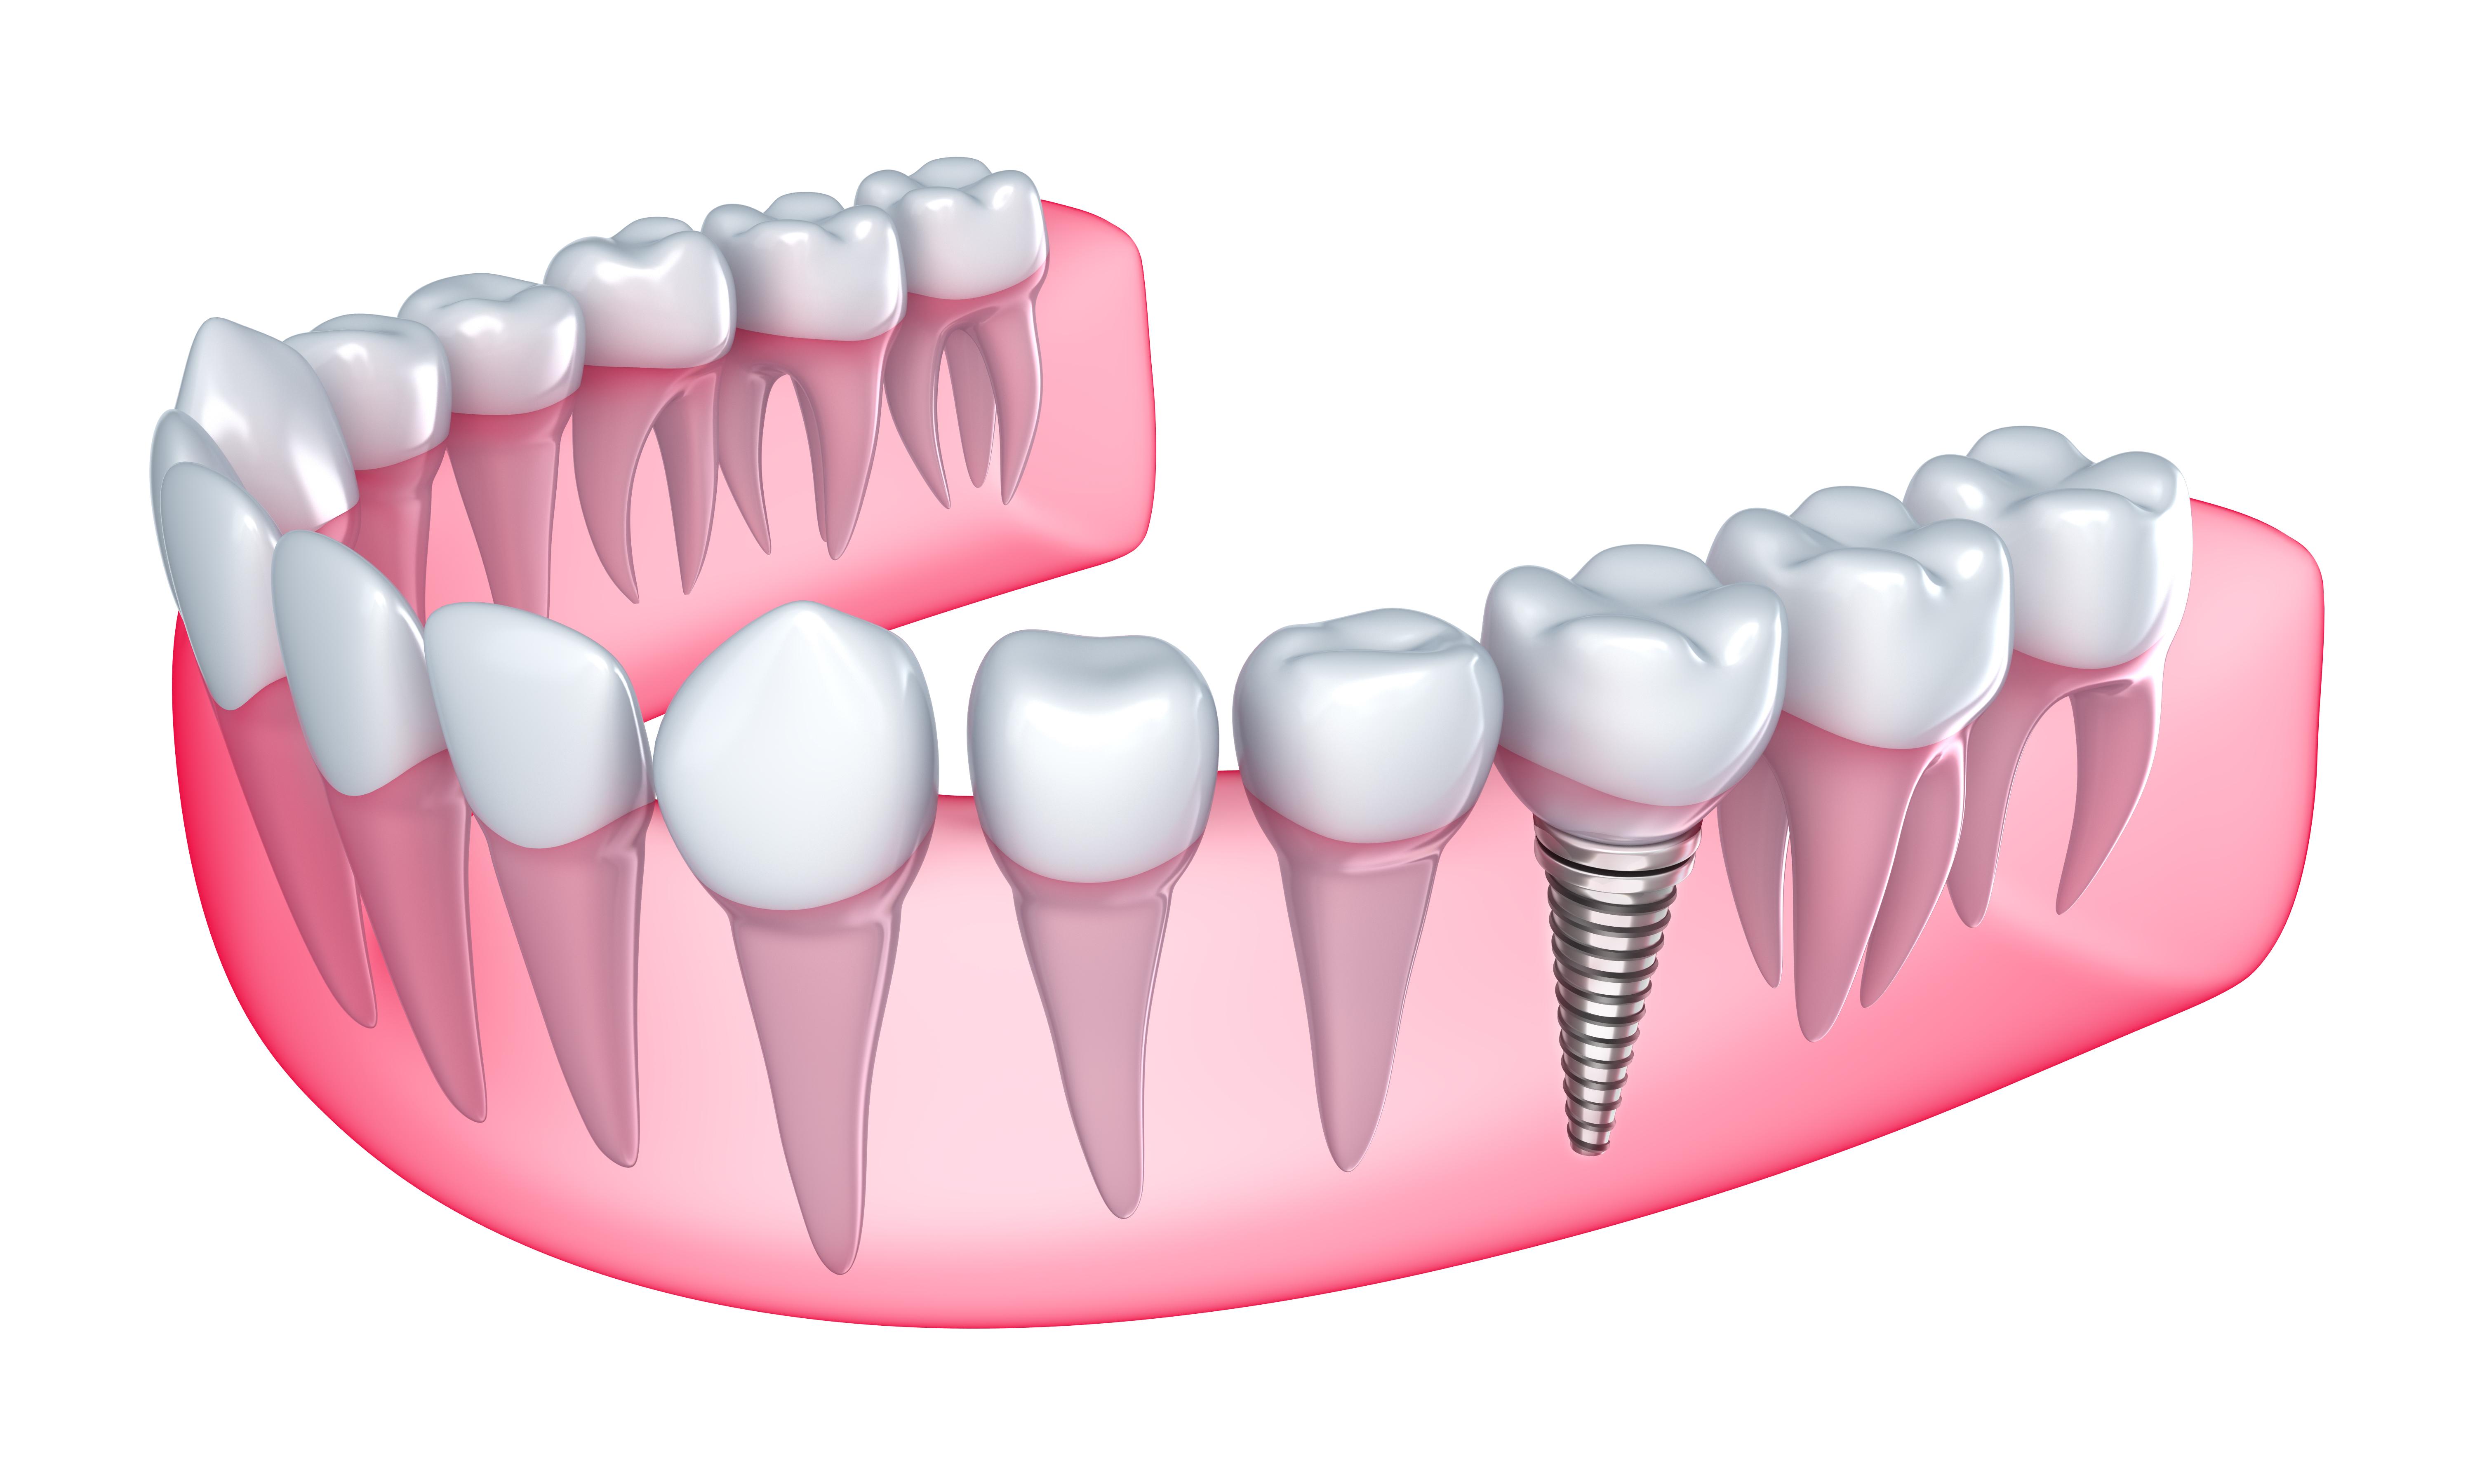 prothesiste dentaire orthodontie